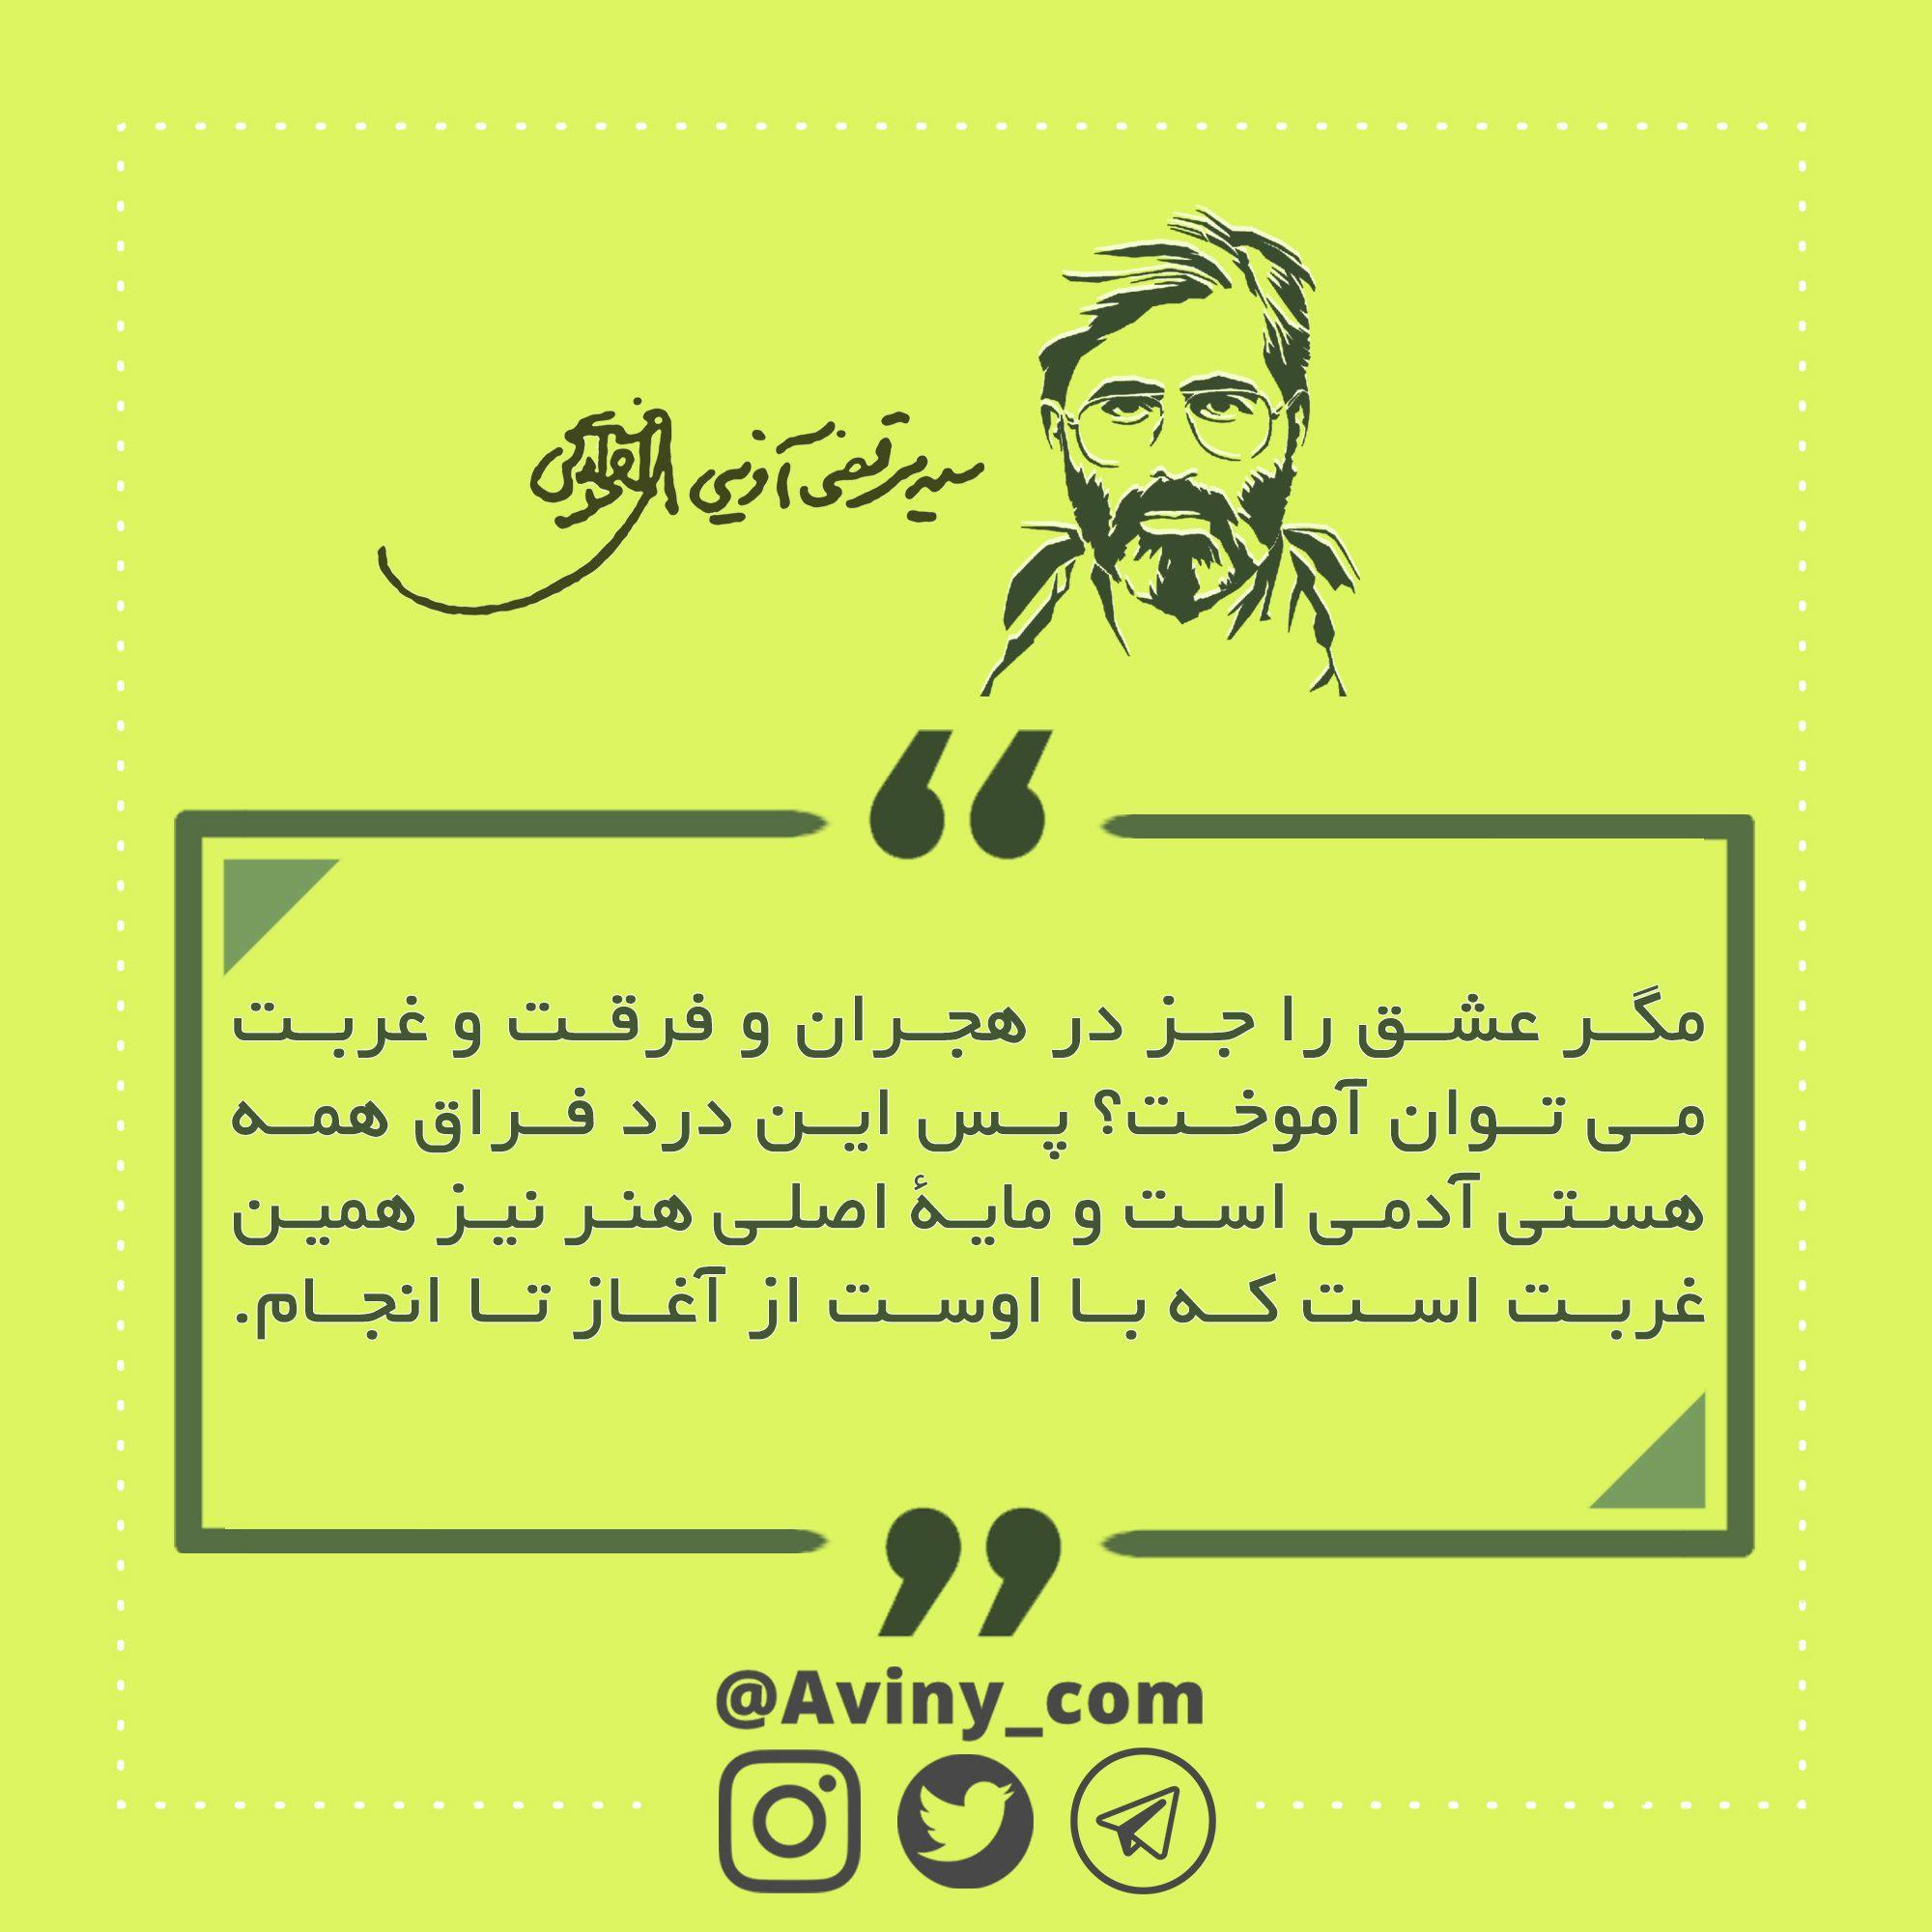 Pin By Nardooneh On پوستر فرهنگی In 2020 Real Hero Iran Hero